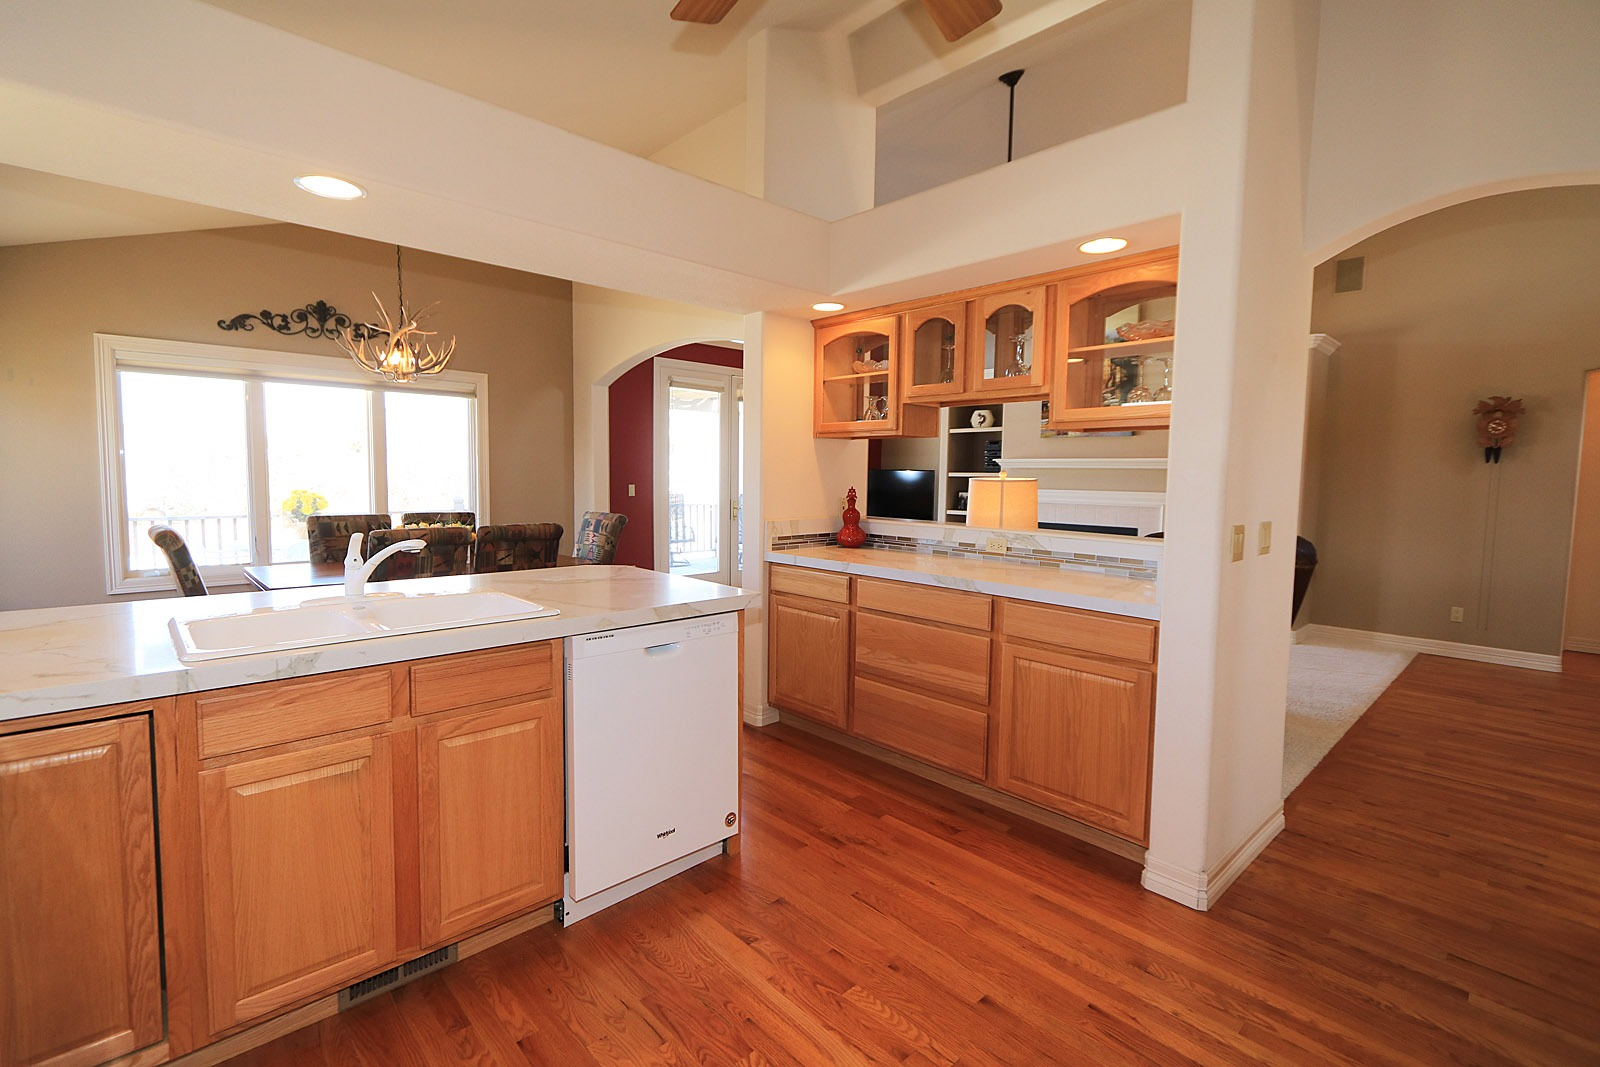 Kitchen 13' X 12'